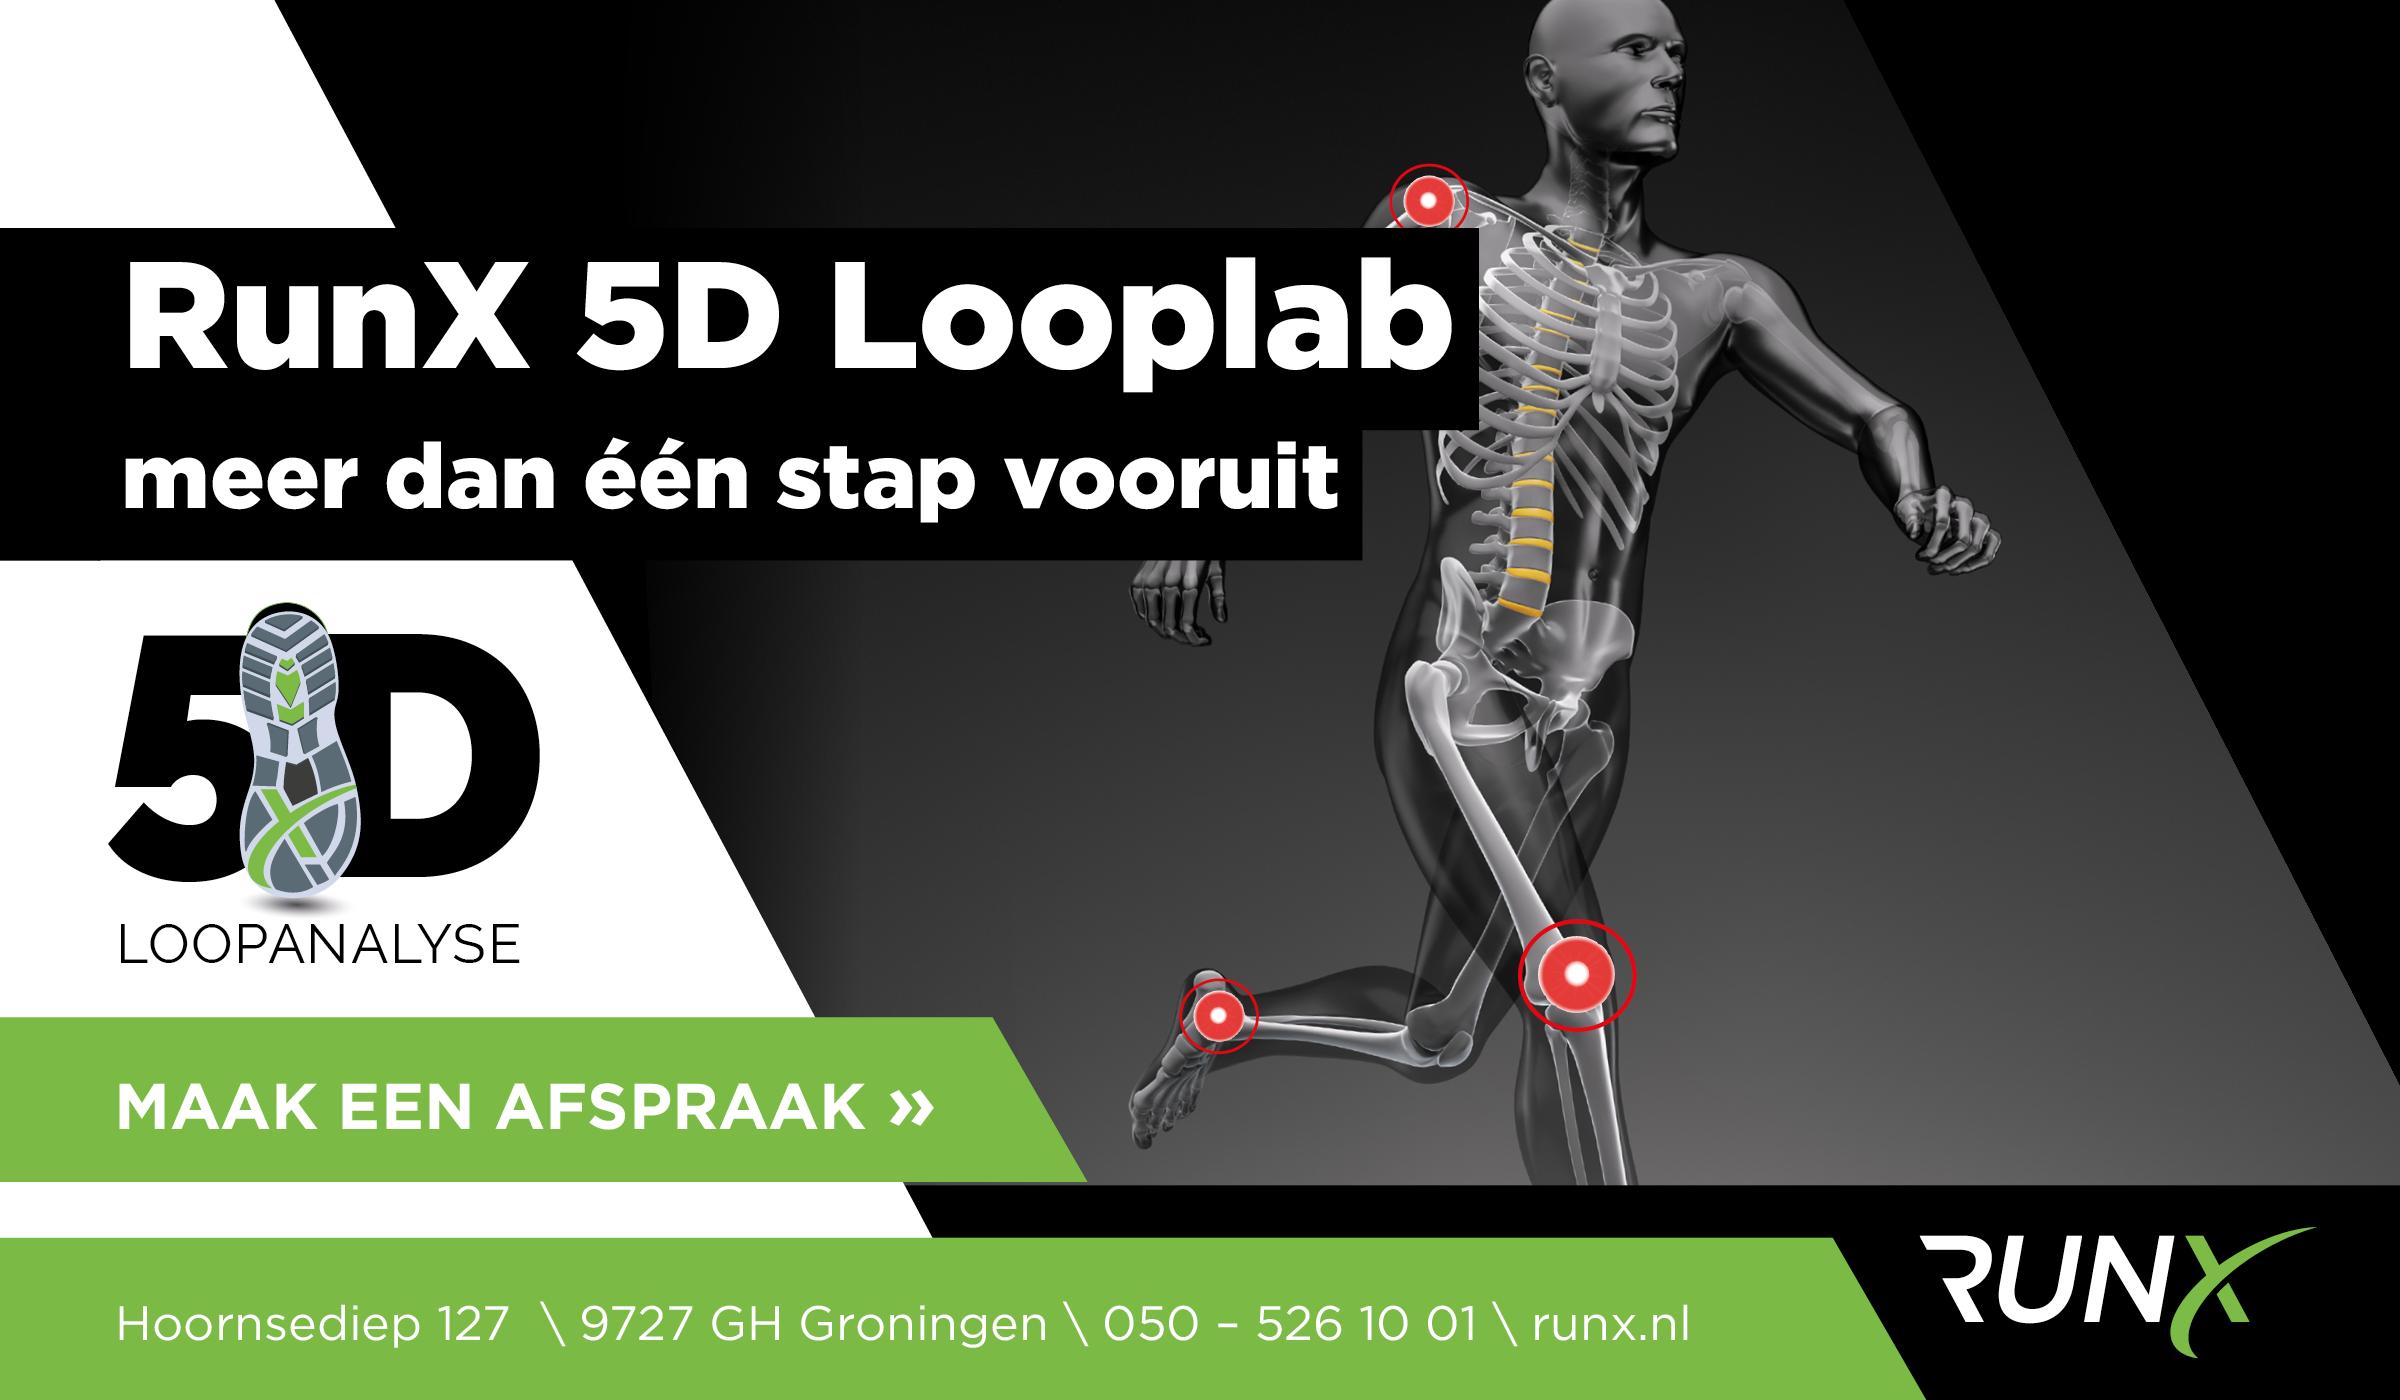 RunX-5D-Looplab-maak-afspraak